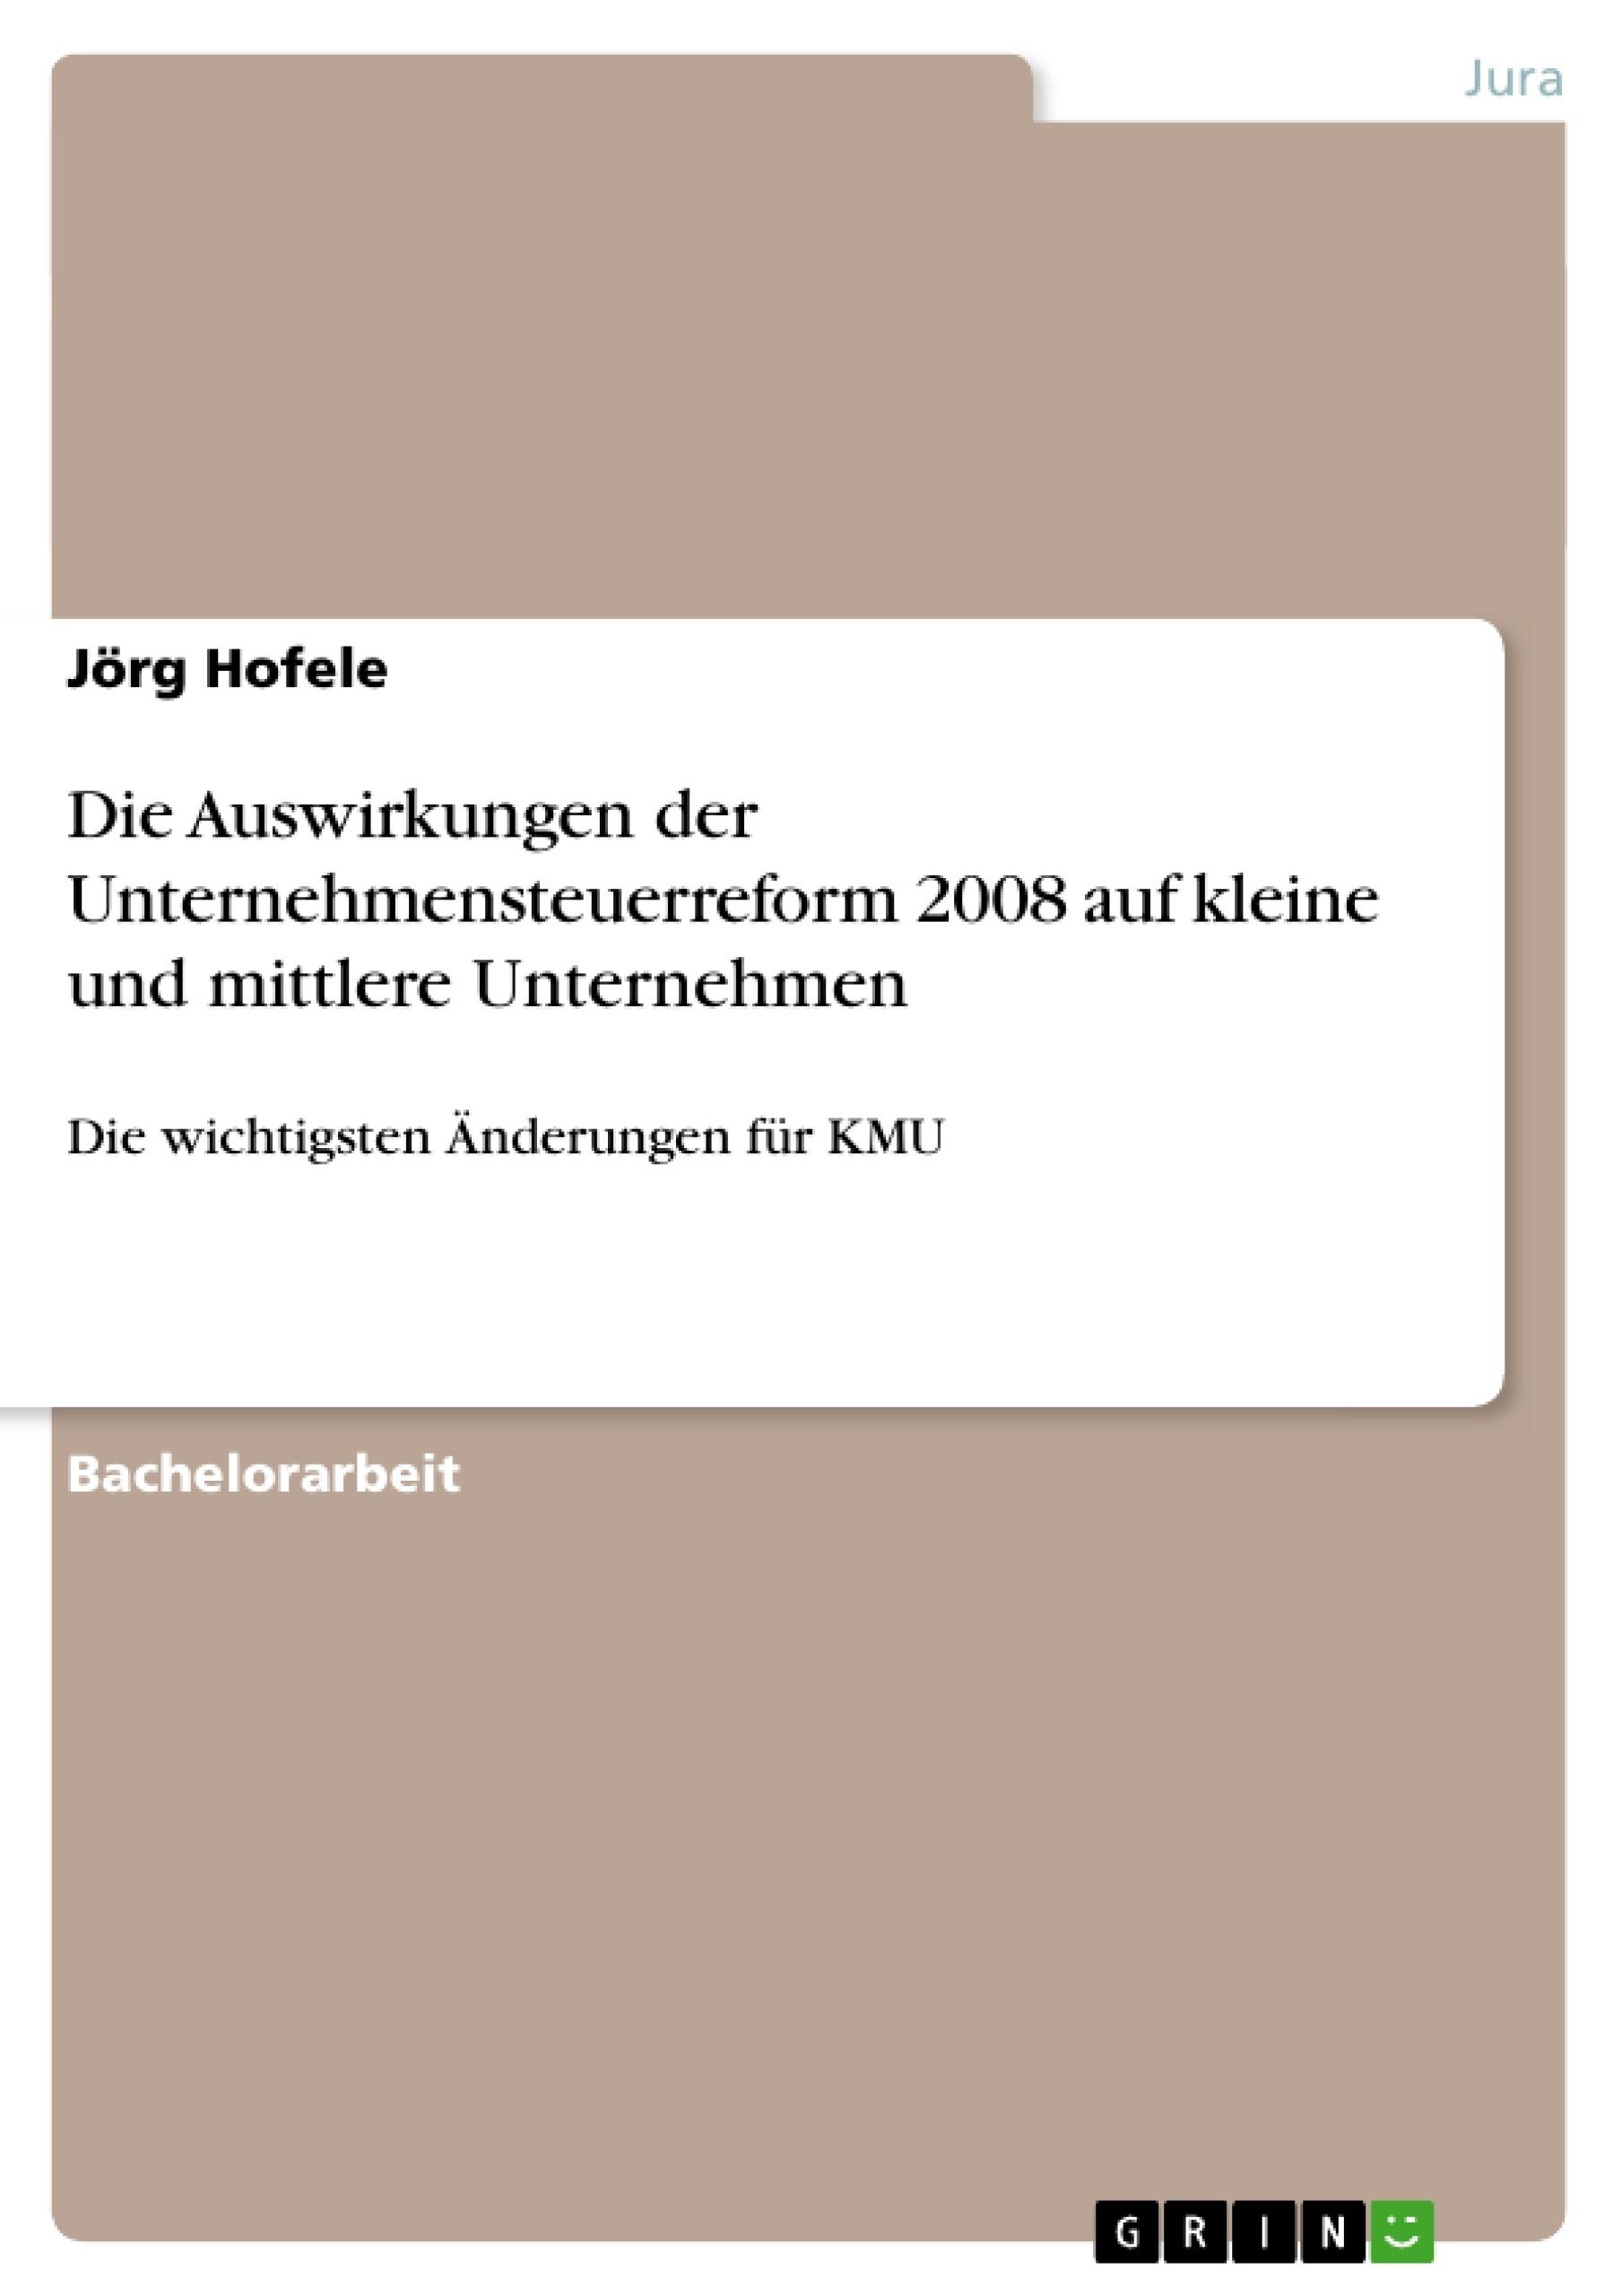 Titel: Die Auswirkungen der Unternehmensteuerreform 2008 auf kleine und mittlere Unternehmen